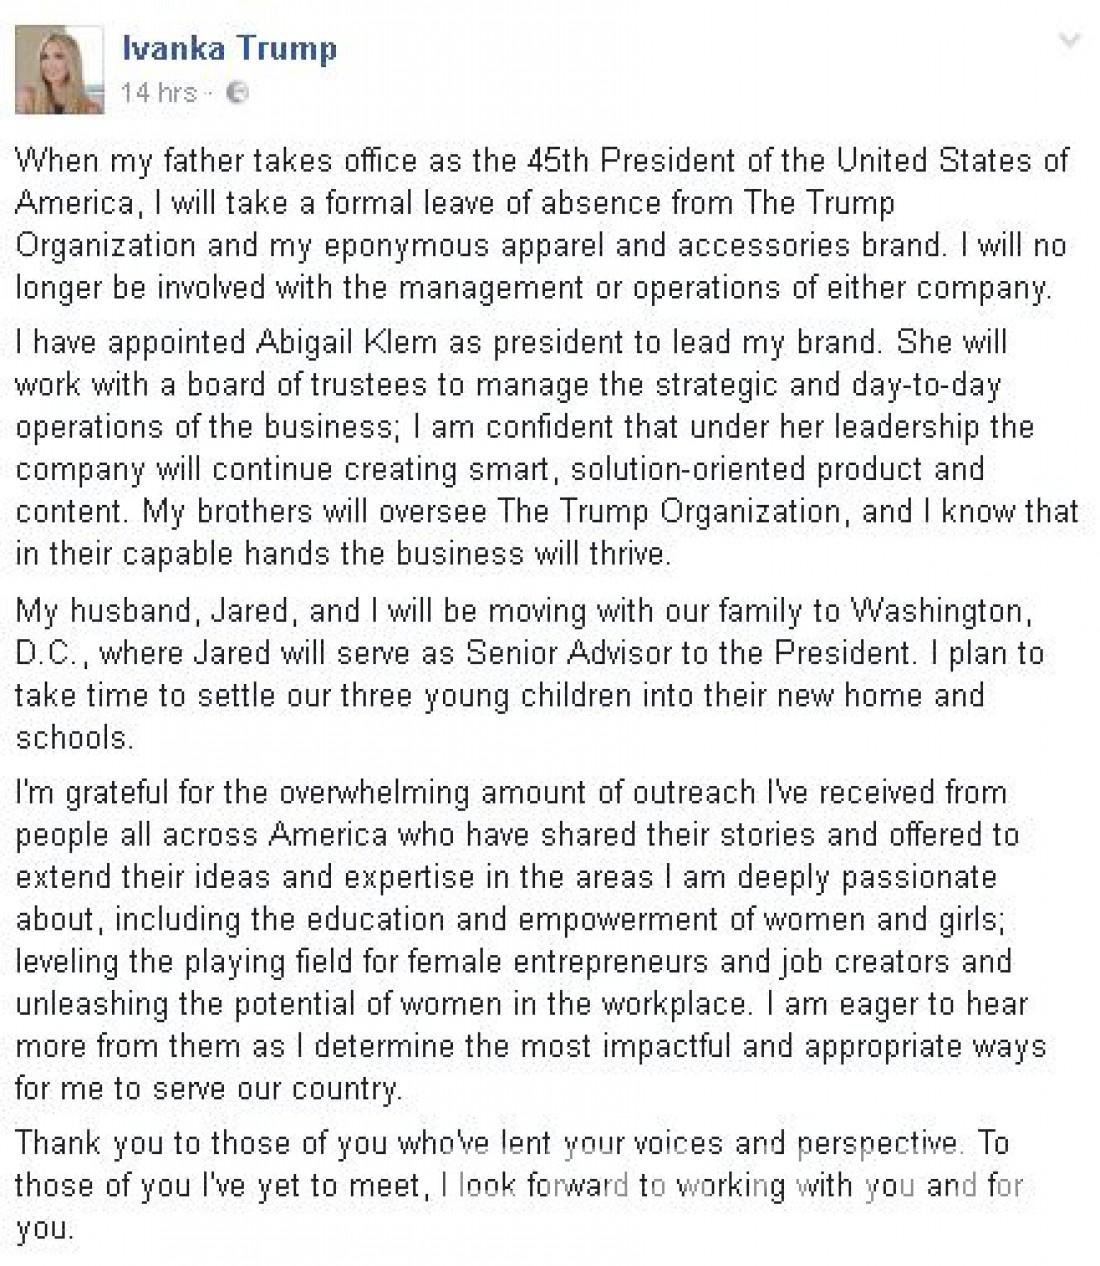 Пост Иванки Трамп в Facebook